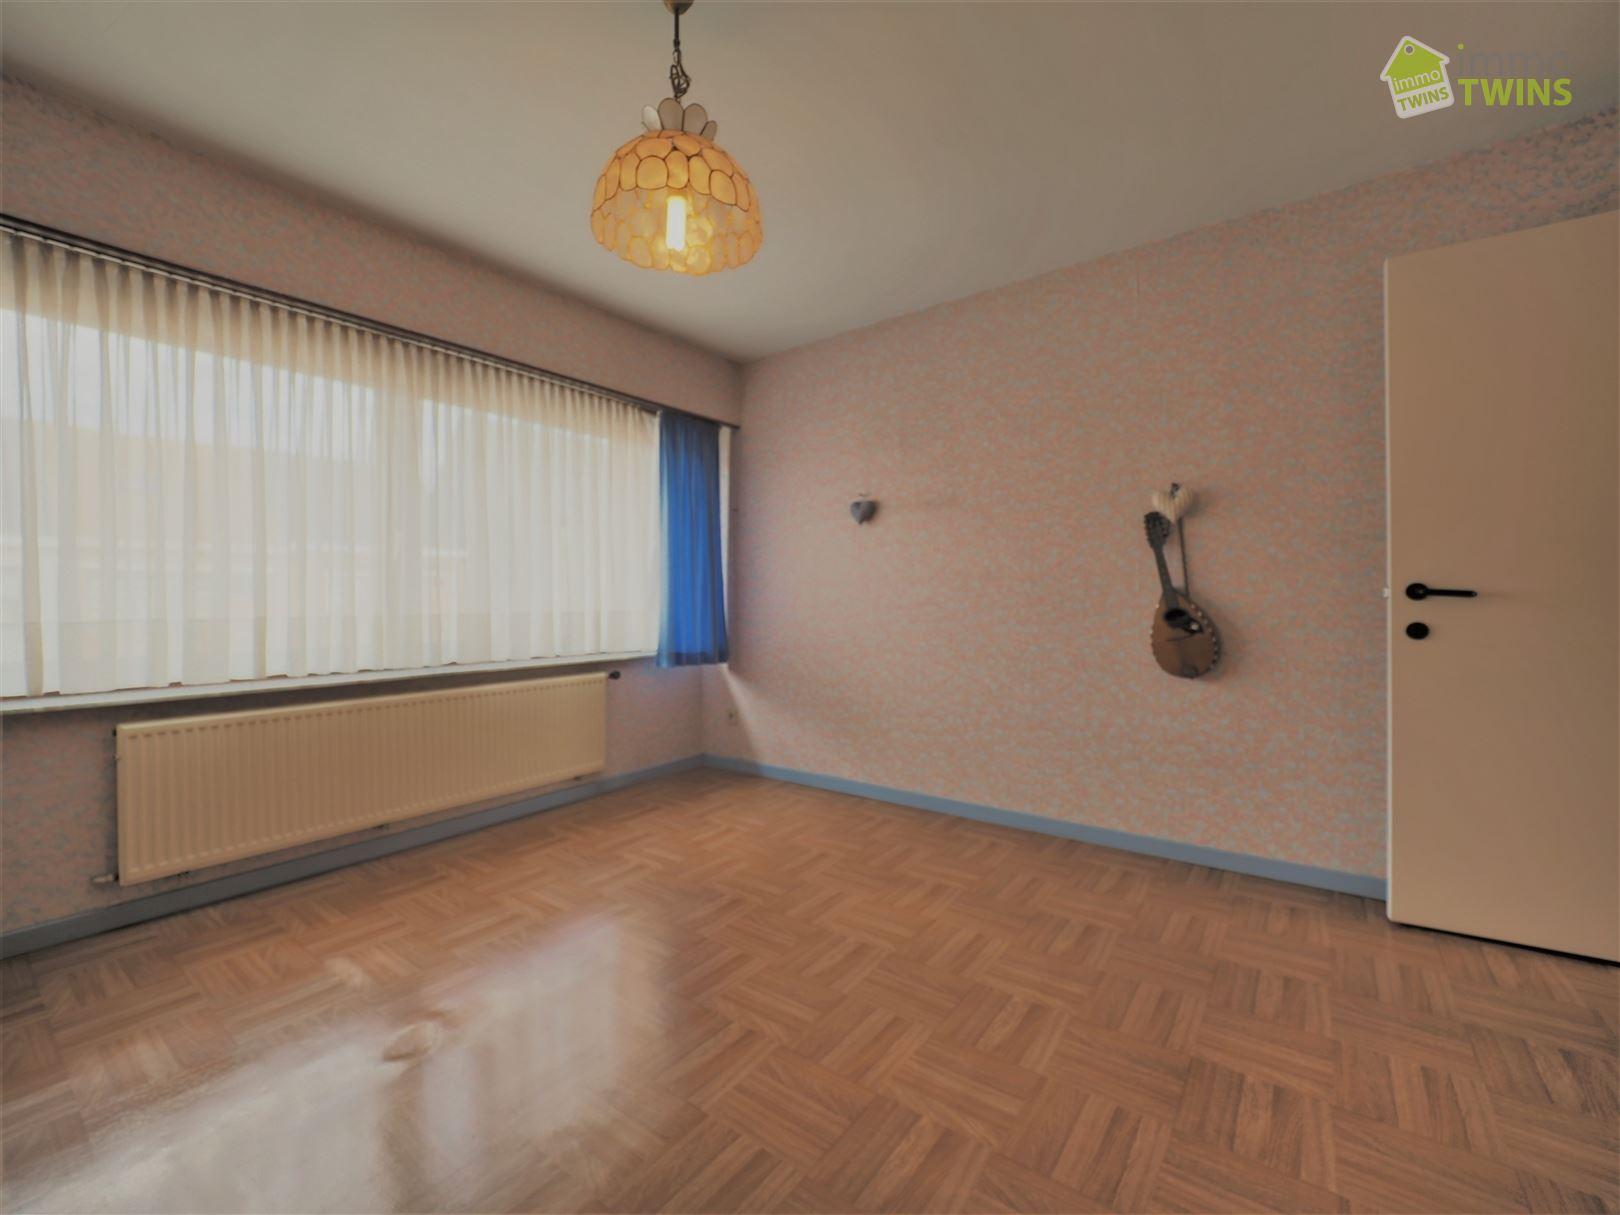 Foto 16 : Huis te 9240 ZELE (België) - Prijs € 345.000